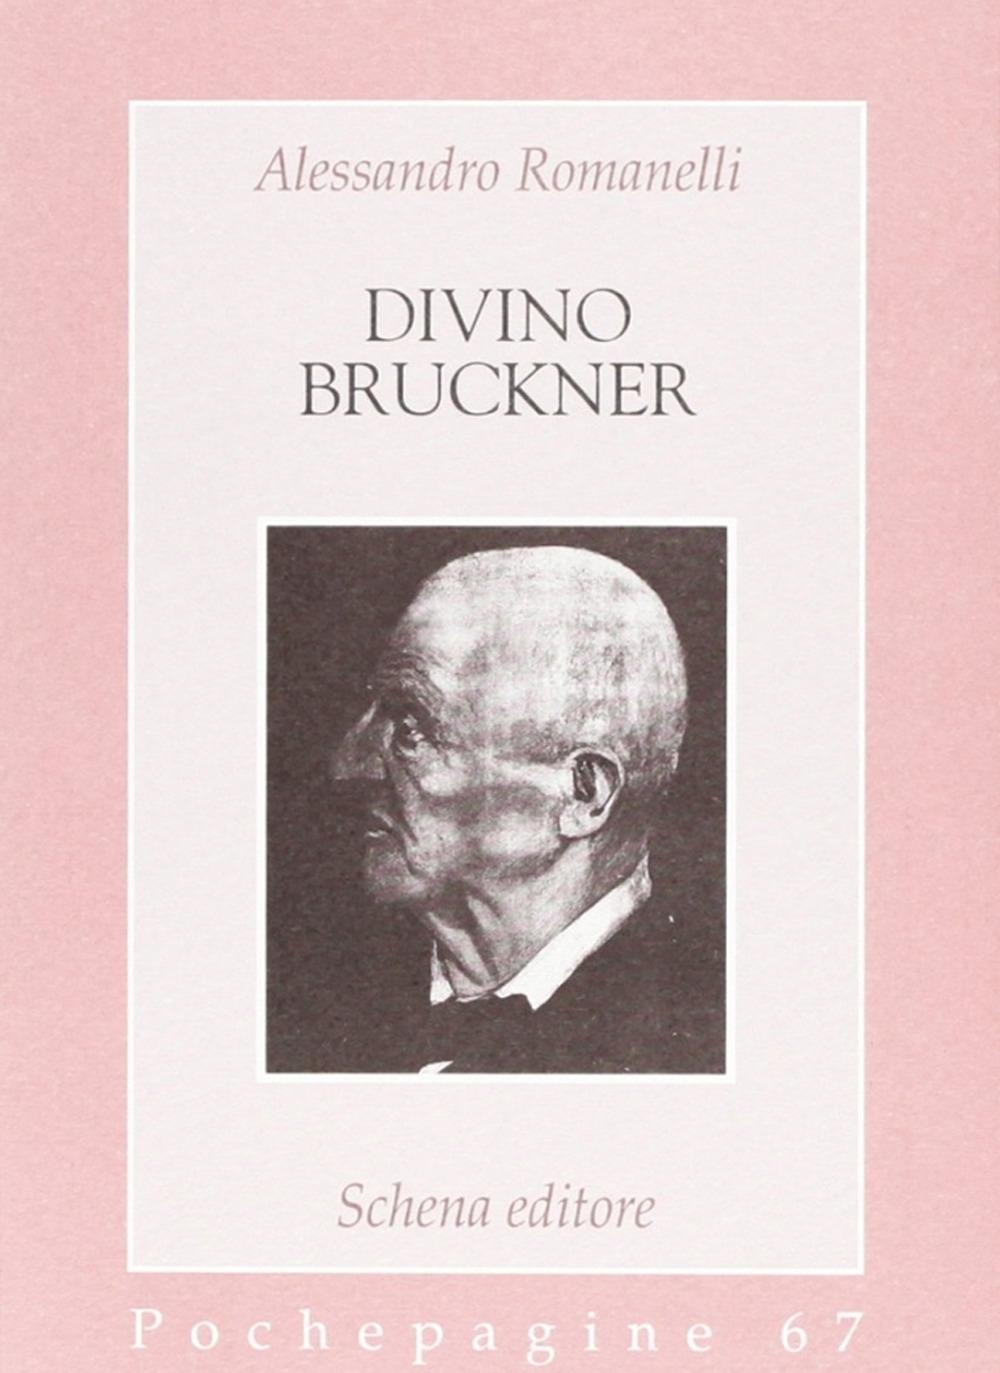 Divino Bruckner